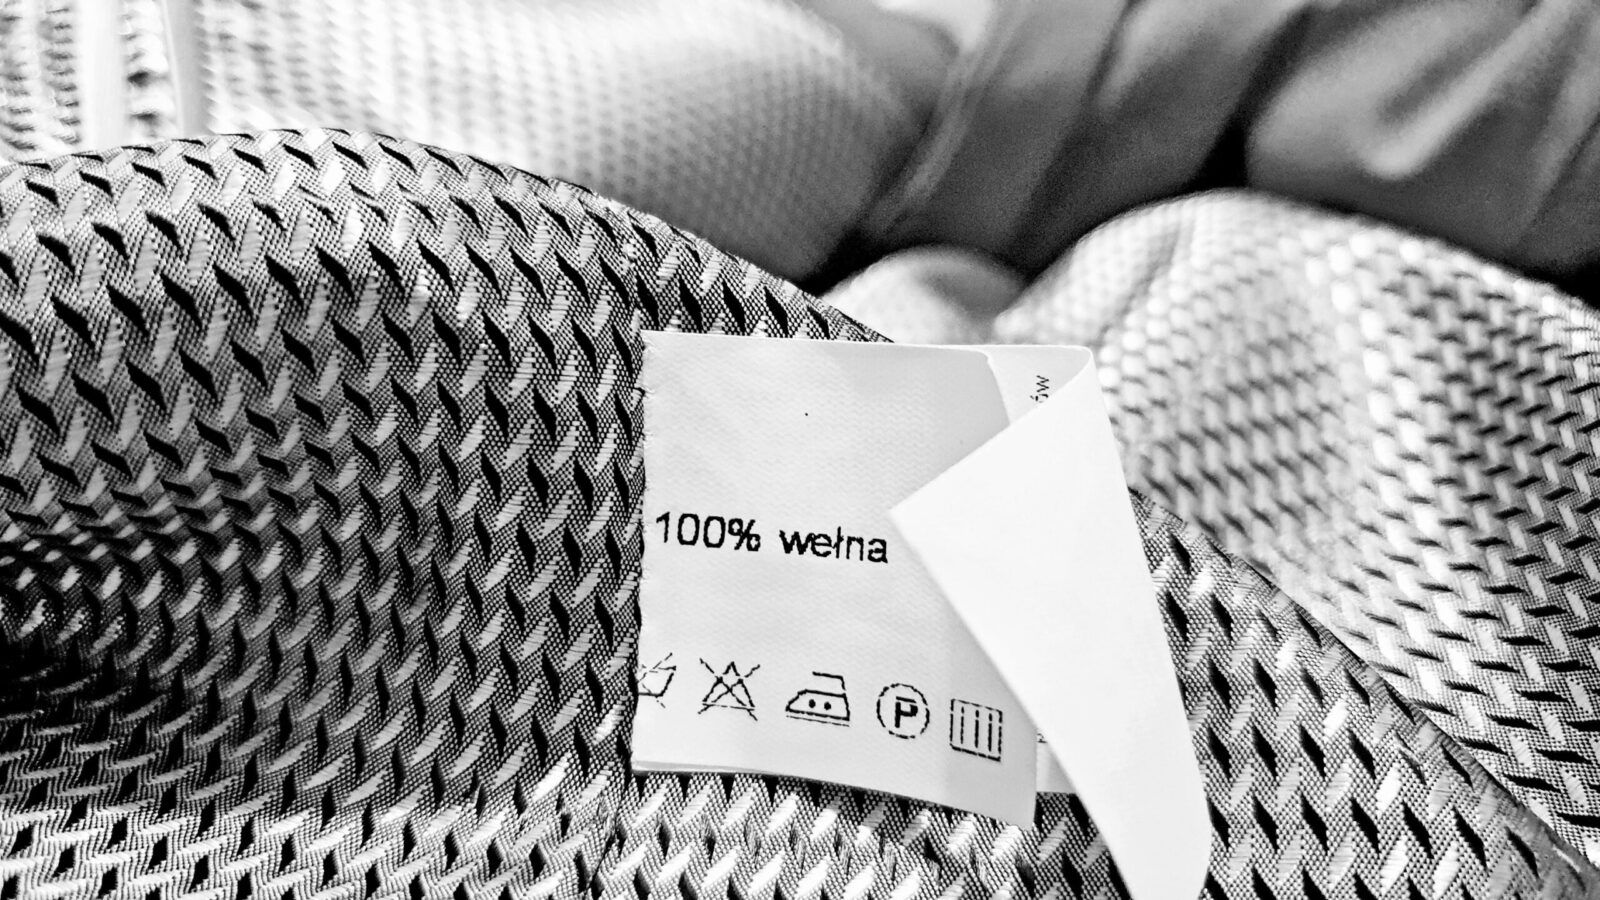 Materiał tekstylny o pamięci kształtu zrewolucjonizuje przemysł modowy. Pomoże opracować inteligentne ubrania i zmniejszyć ilość odpadów